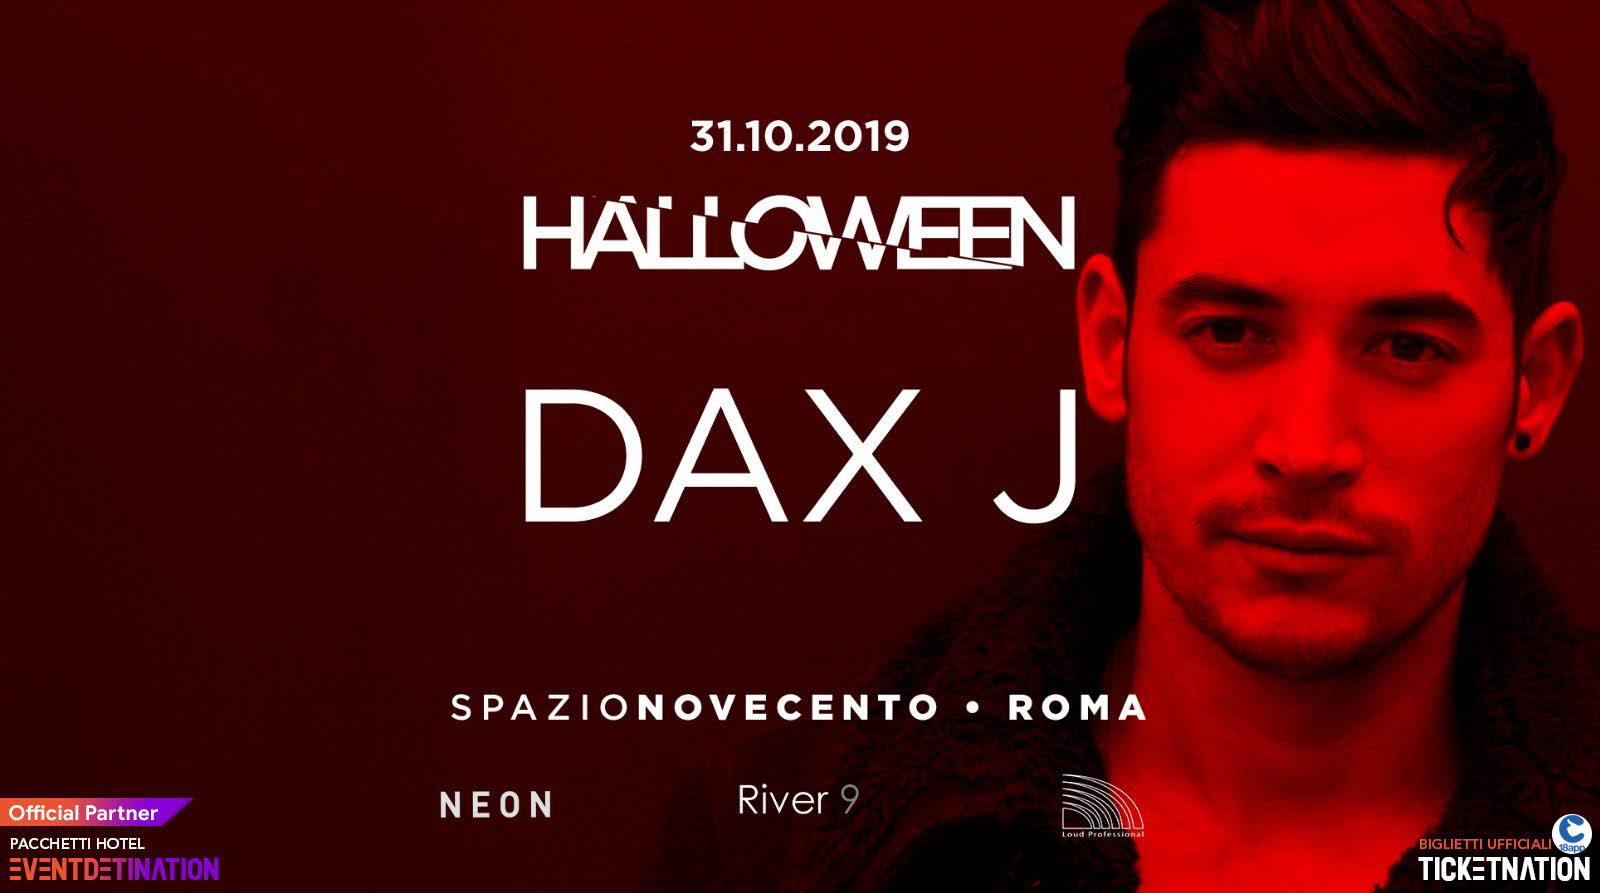 Dax J Spazio Novecento Halloween Party Roma – 31 10 2019 – Ticket Biglietti 18App Tavoli e Pacchetti Hotel